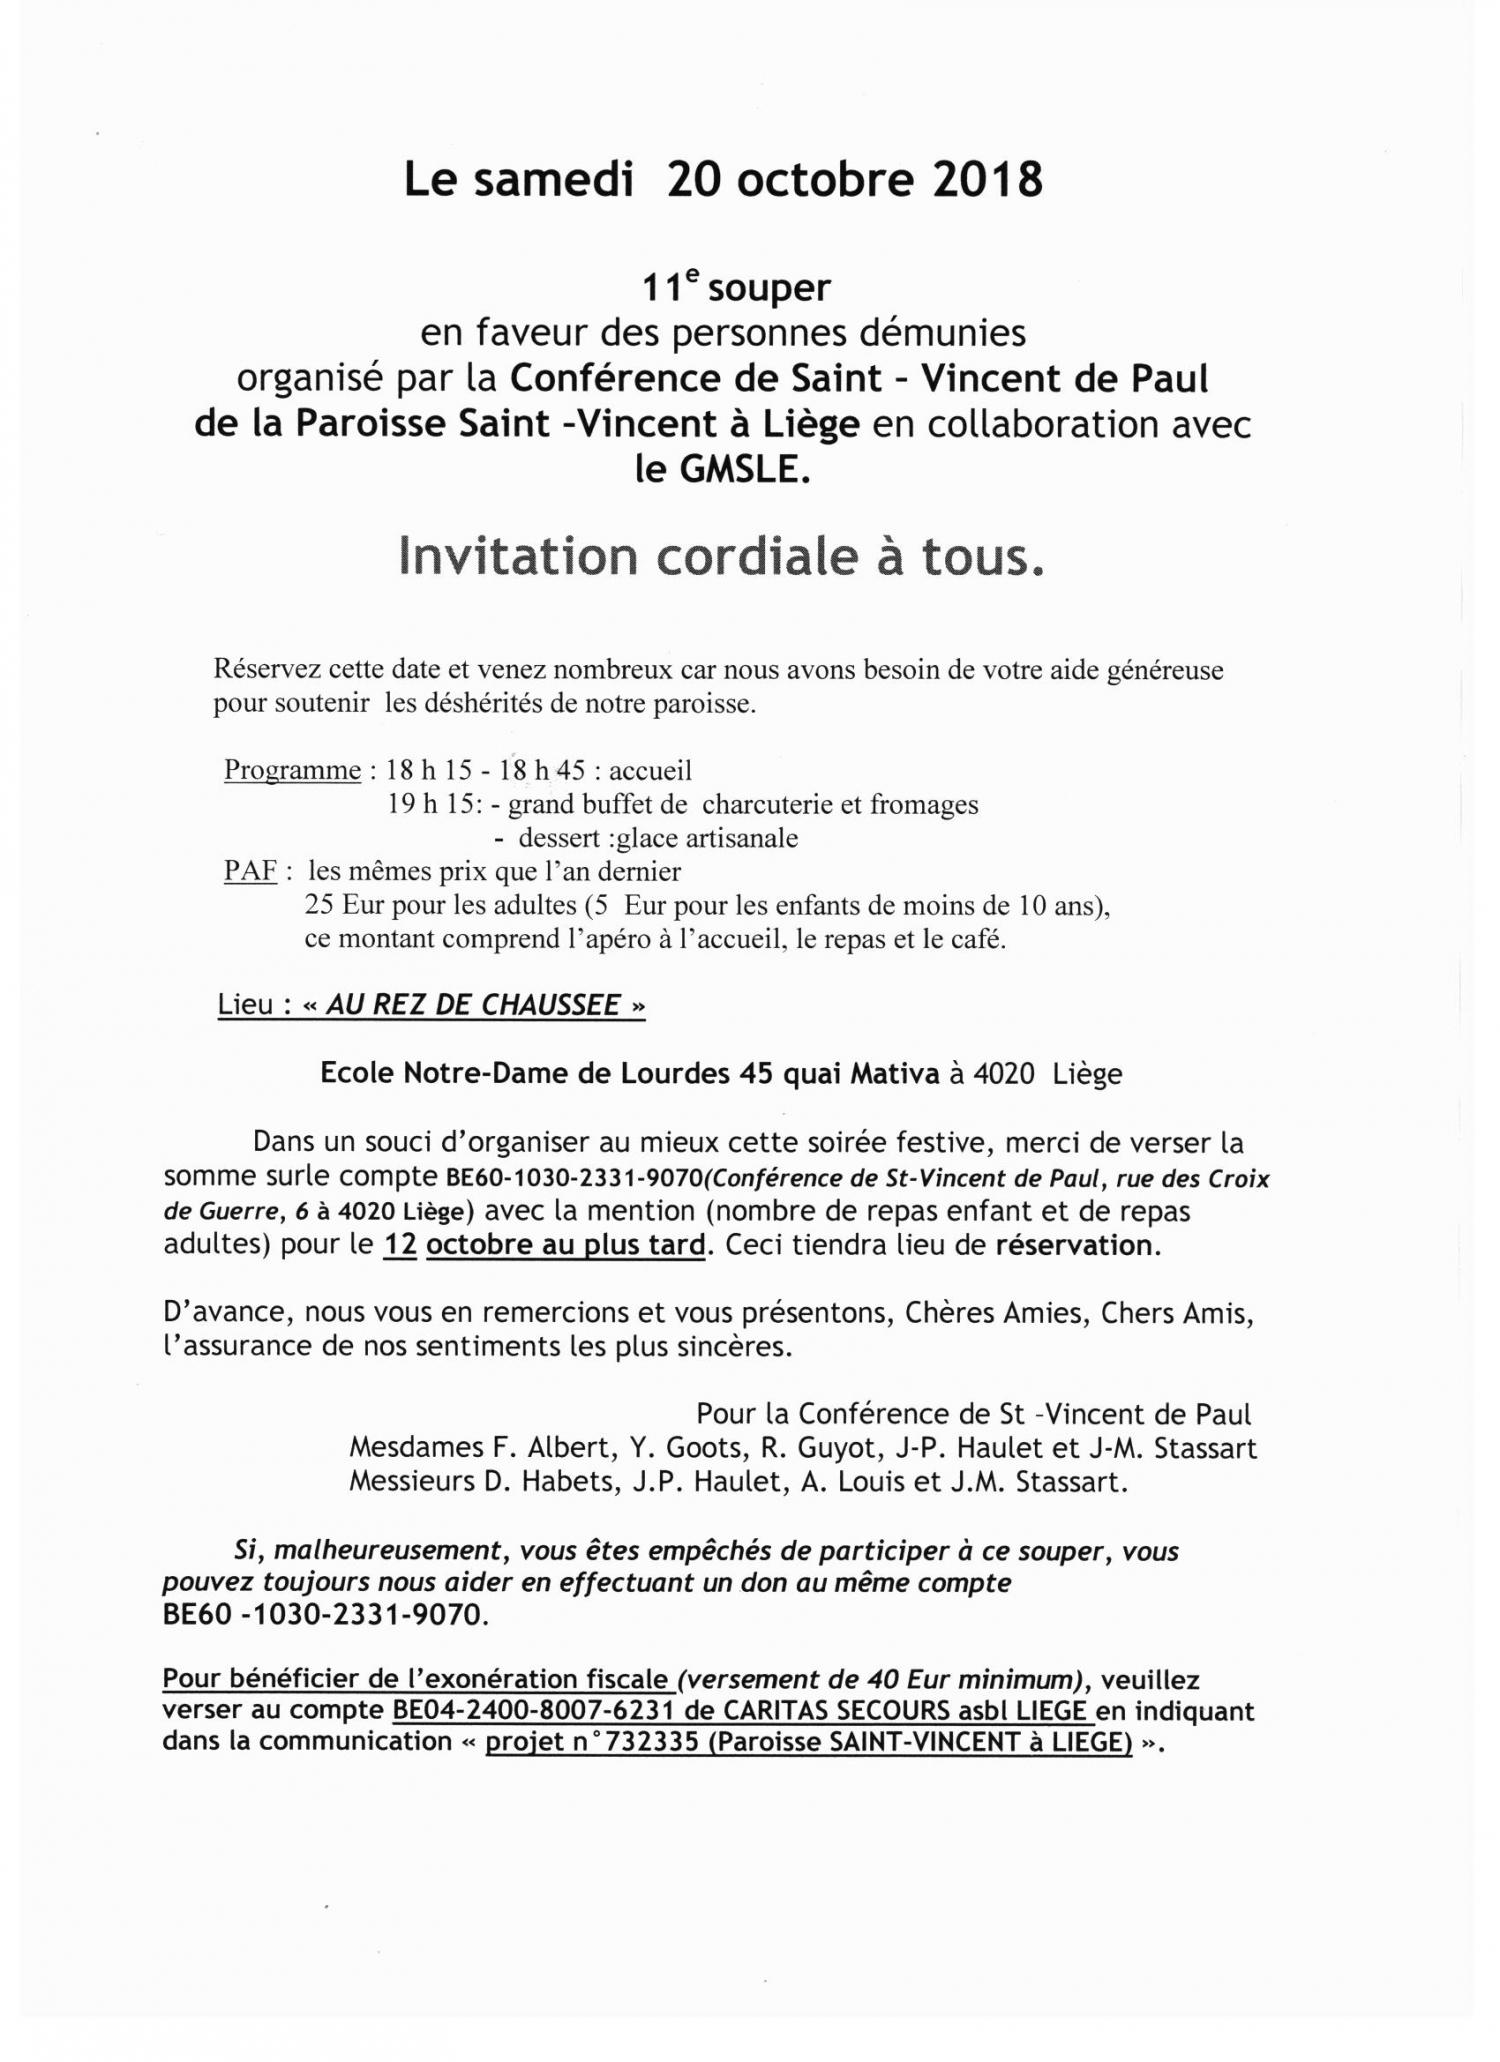 1 Souper 20 octobre SVP de St Vincent Liège.jpg